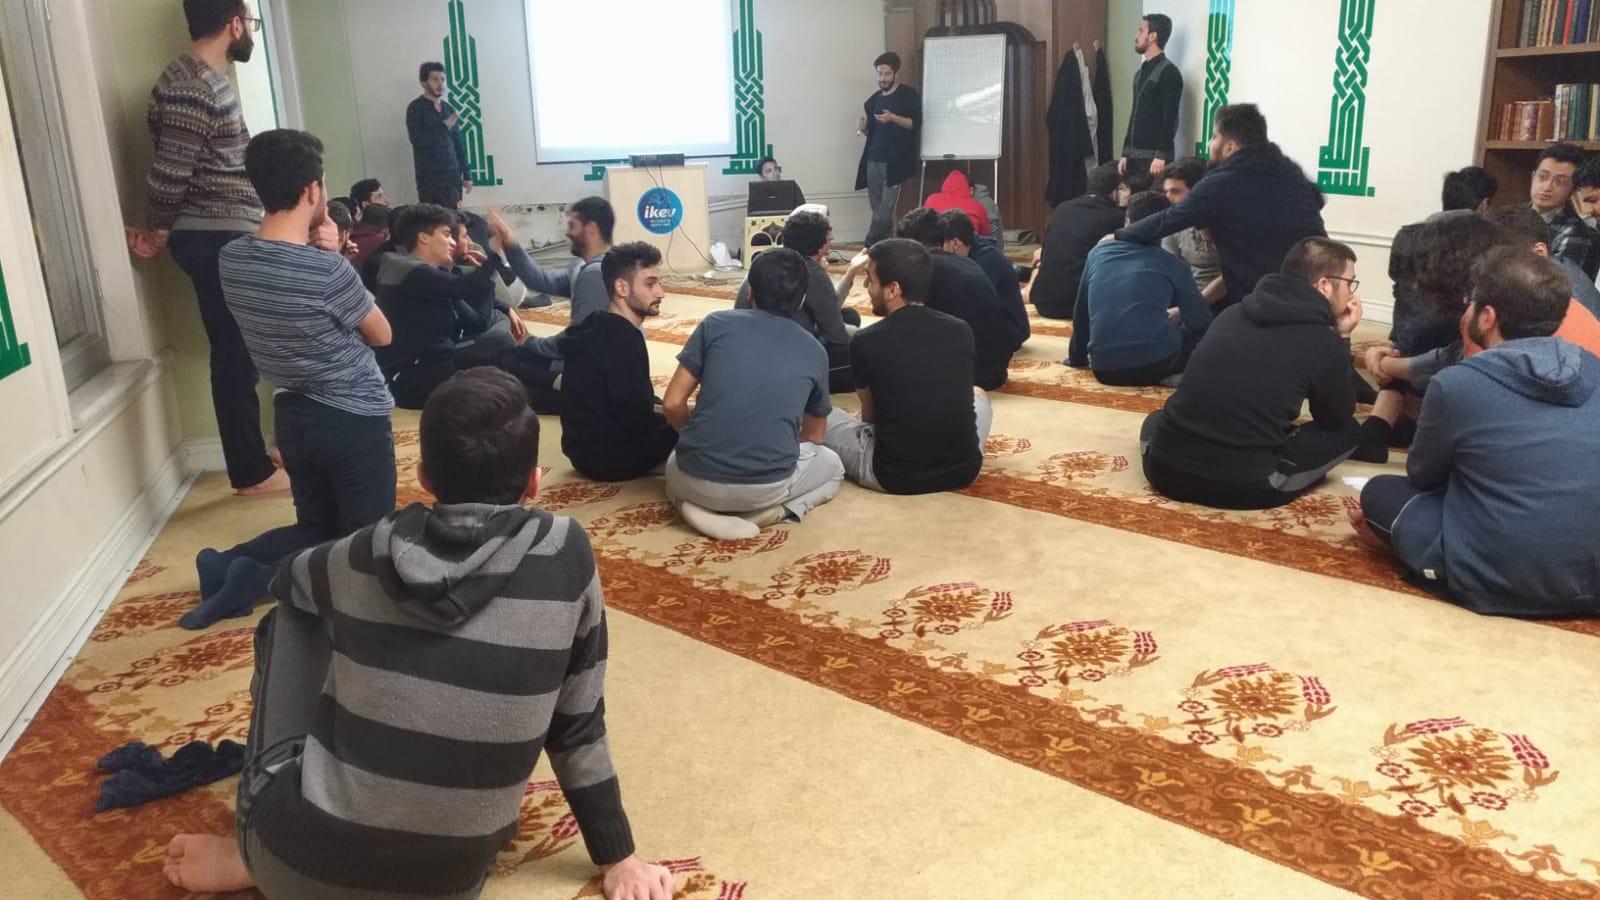 İKEV BAHÇELİEVLER YURDU Yabancı öğrencilerinin de katılımı ile Bilgi Yarışması düzenledi... - Haberler - İKEV - İlim Kültür ve Eğitim Vakfı